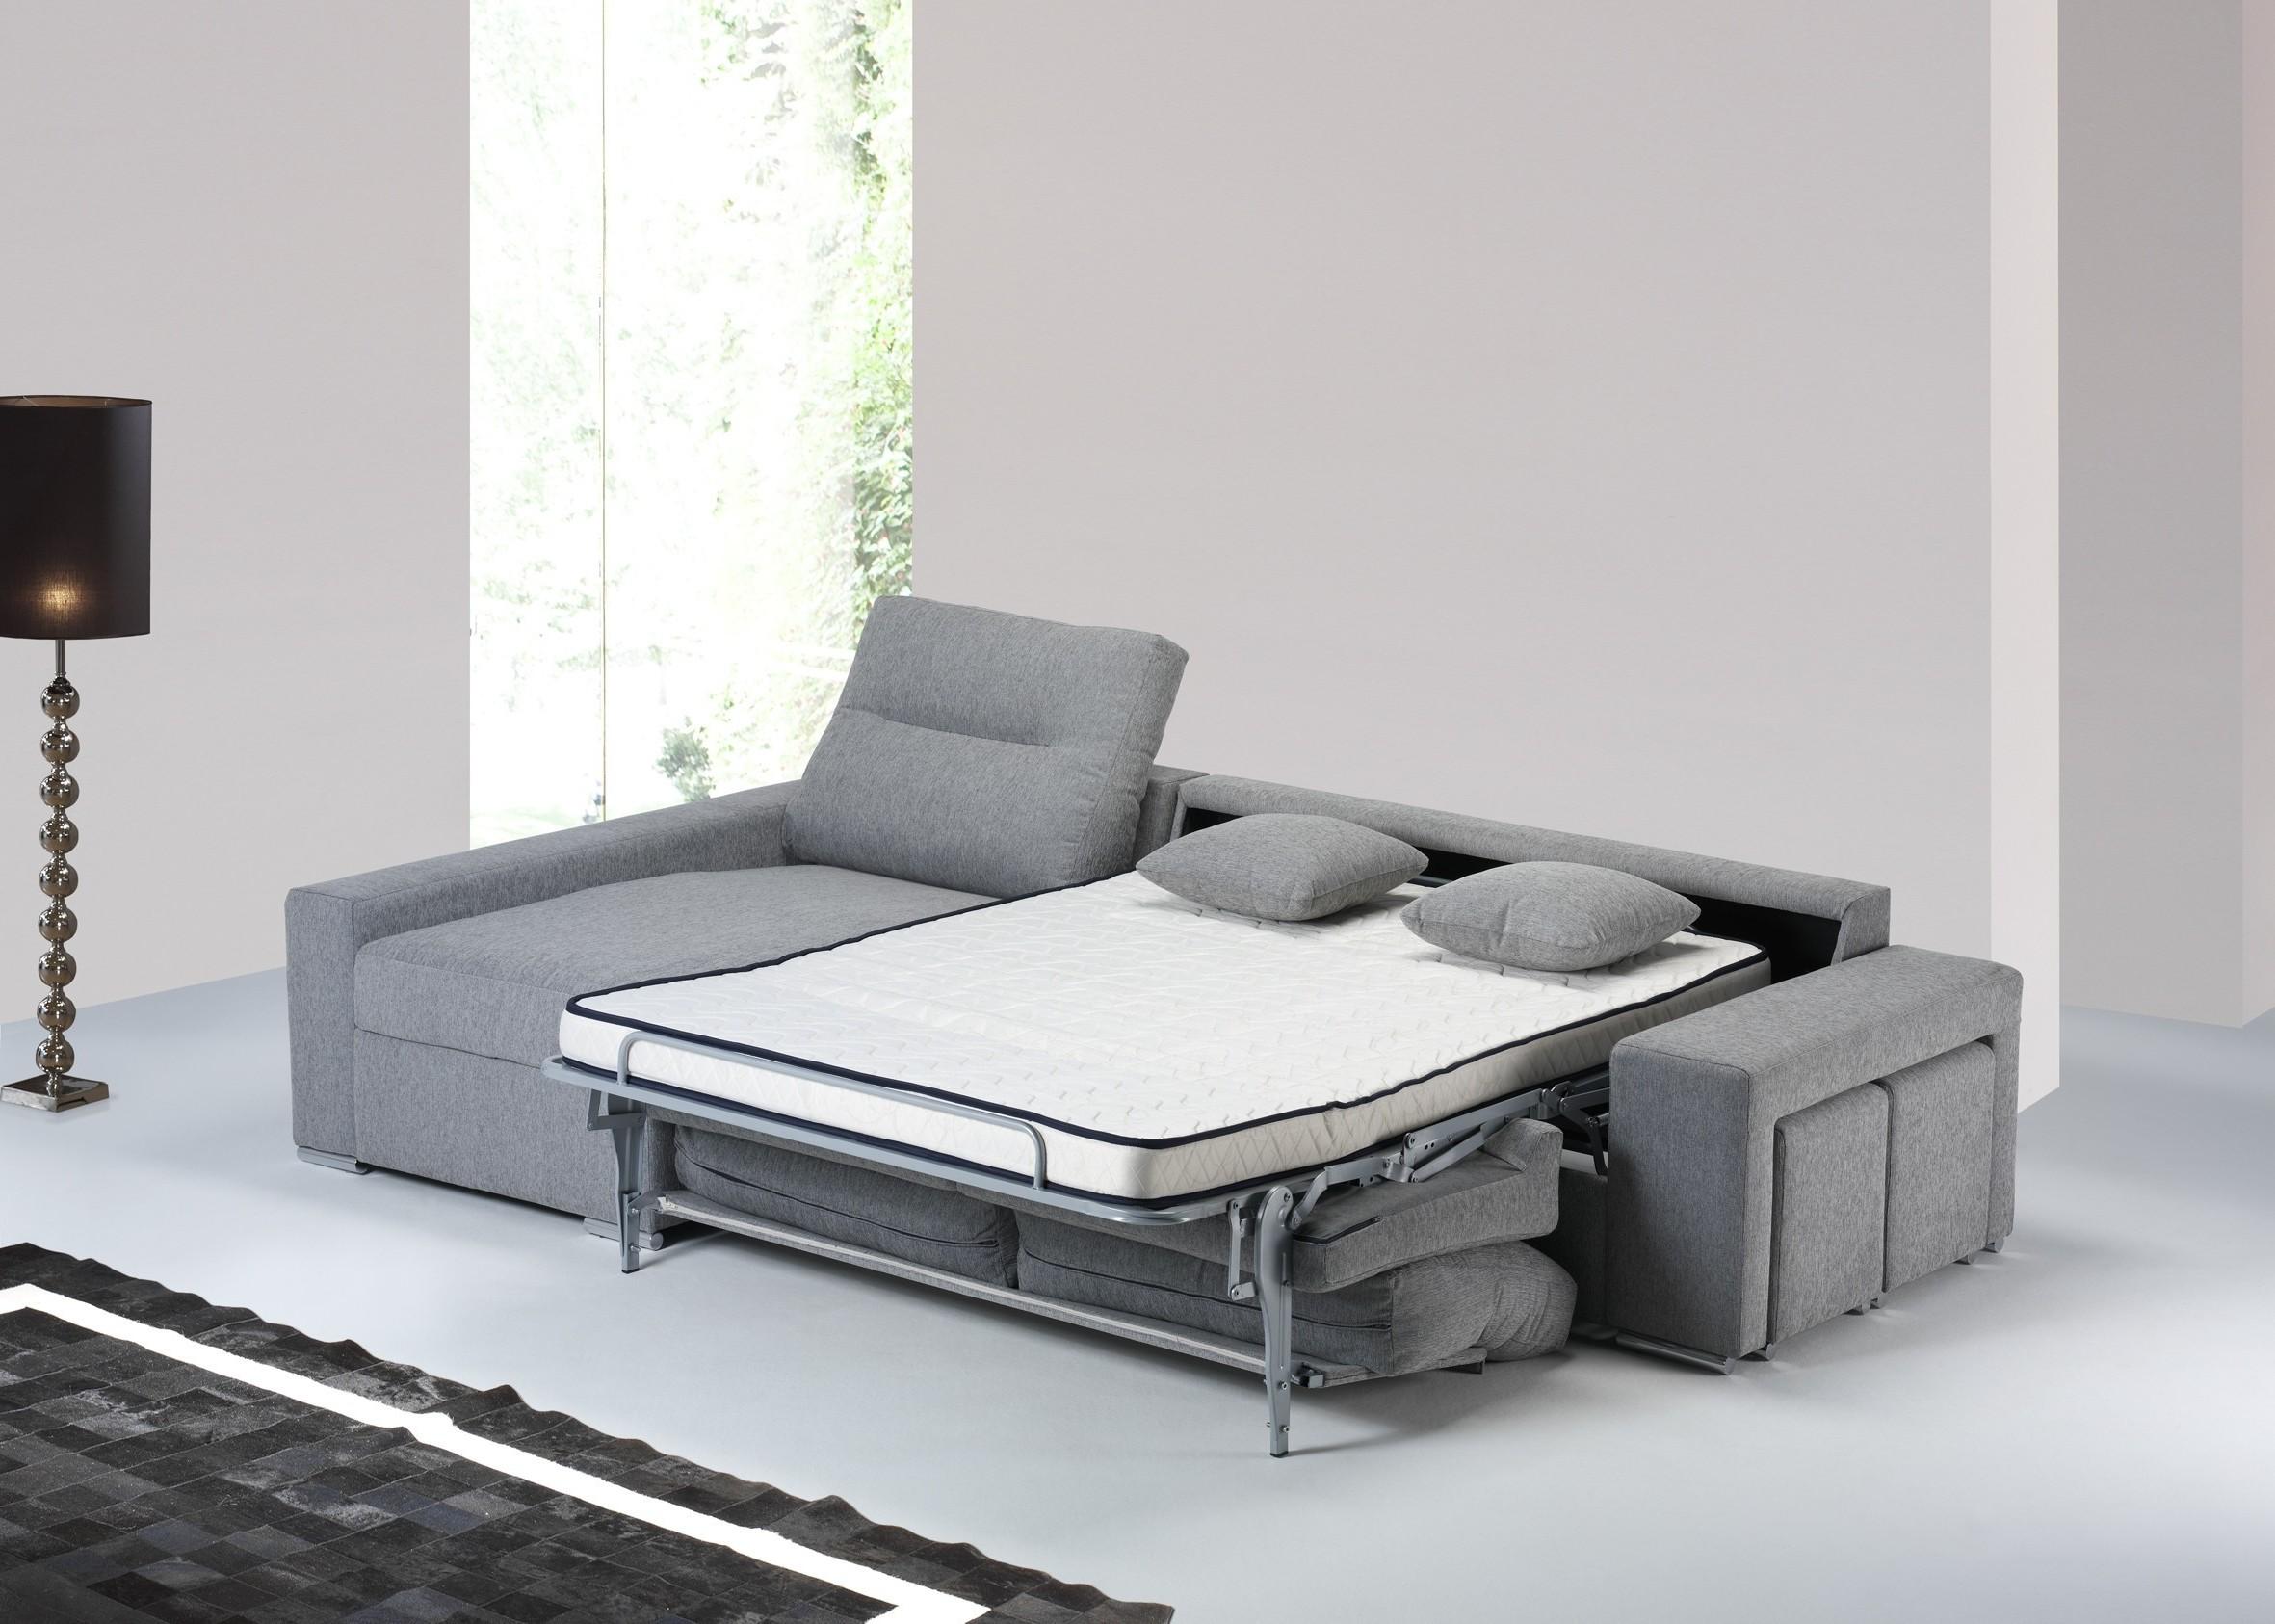 canape convertible confort quotidien canap id es de. Black Bedroom Furniture Sets. Home Design Ideas